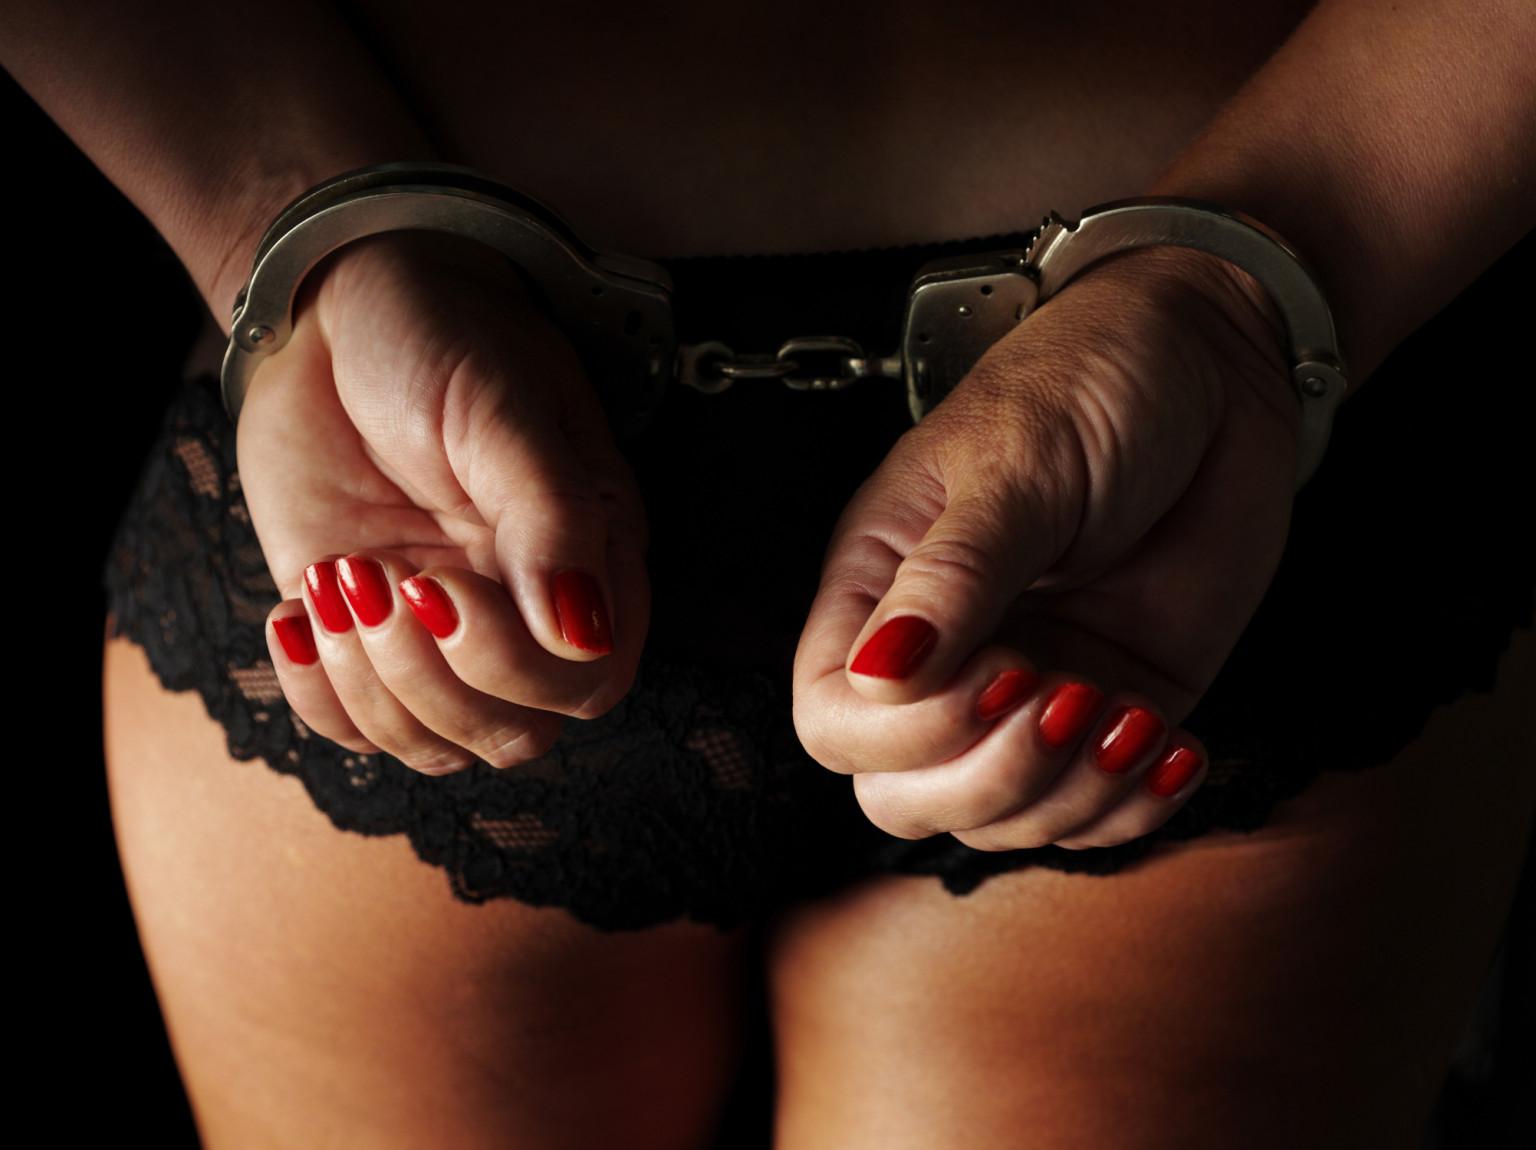 video erptici prostitute in azione